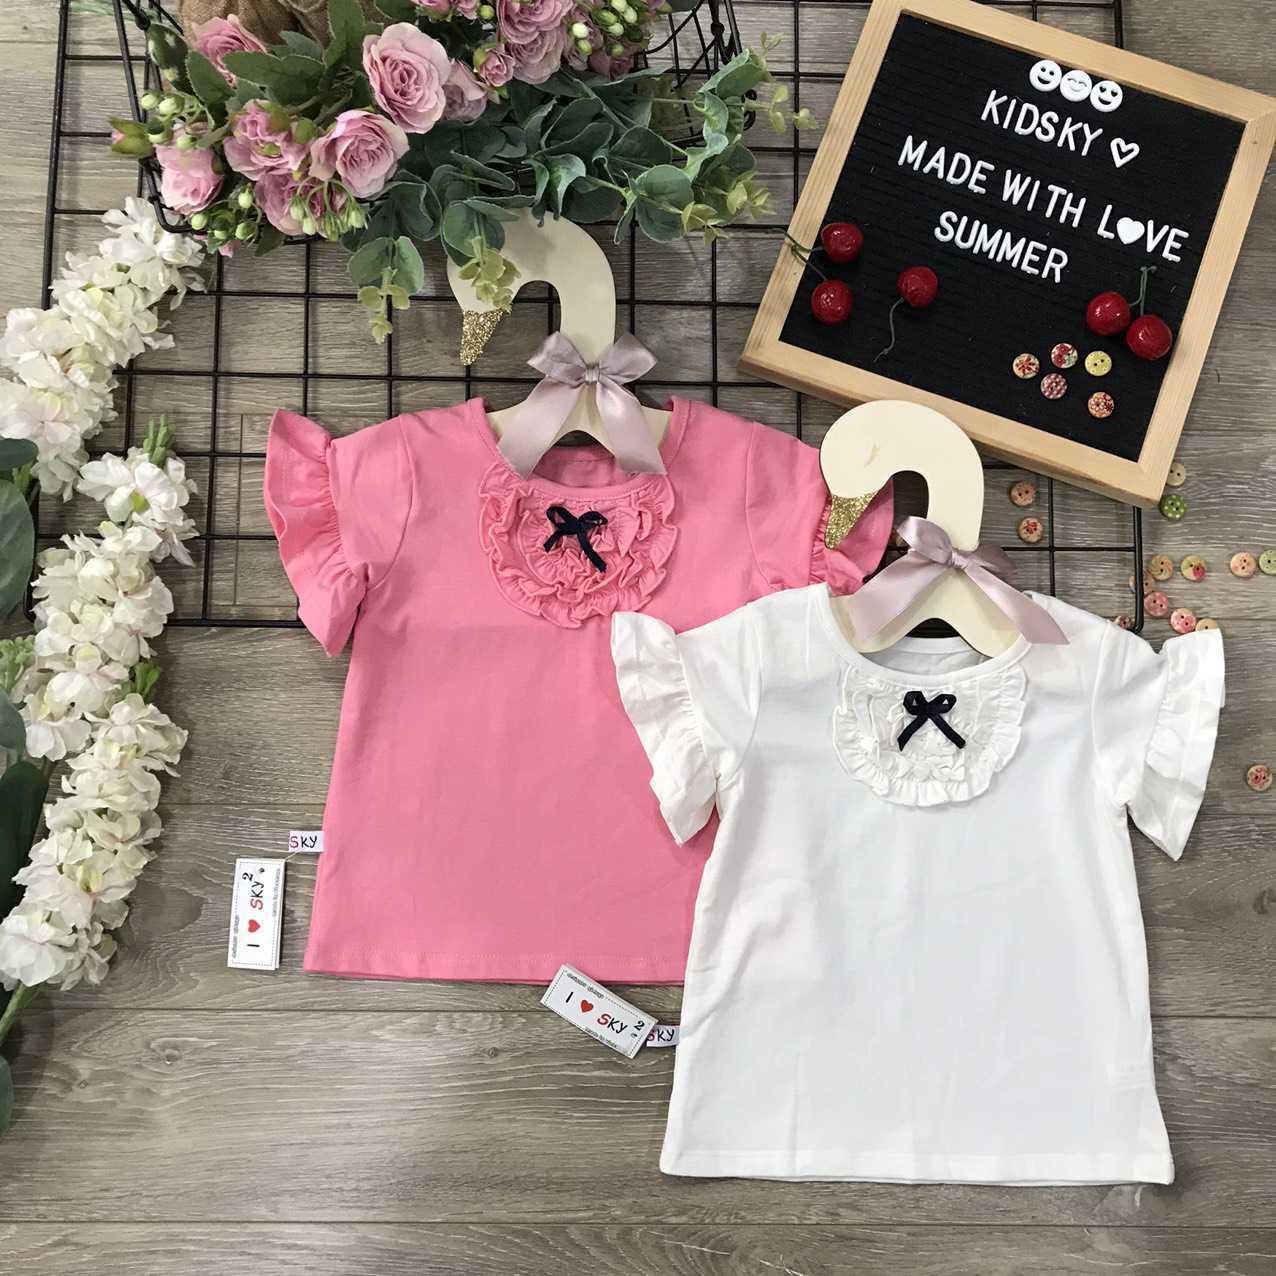 áo thun cotton 4 chiều - Bông Hoa Nhỏ